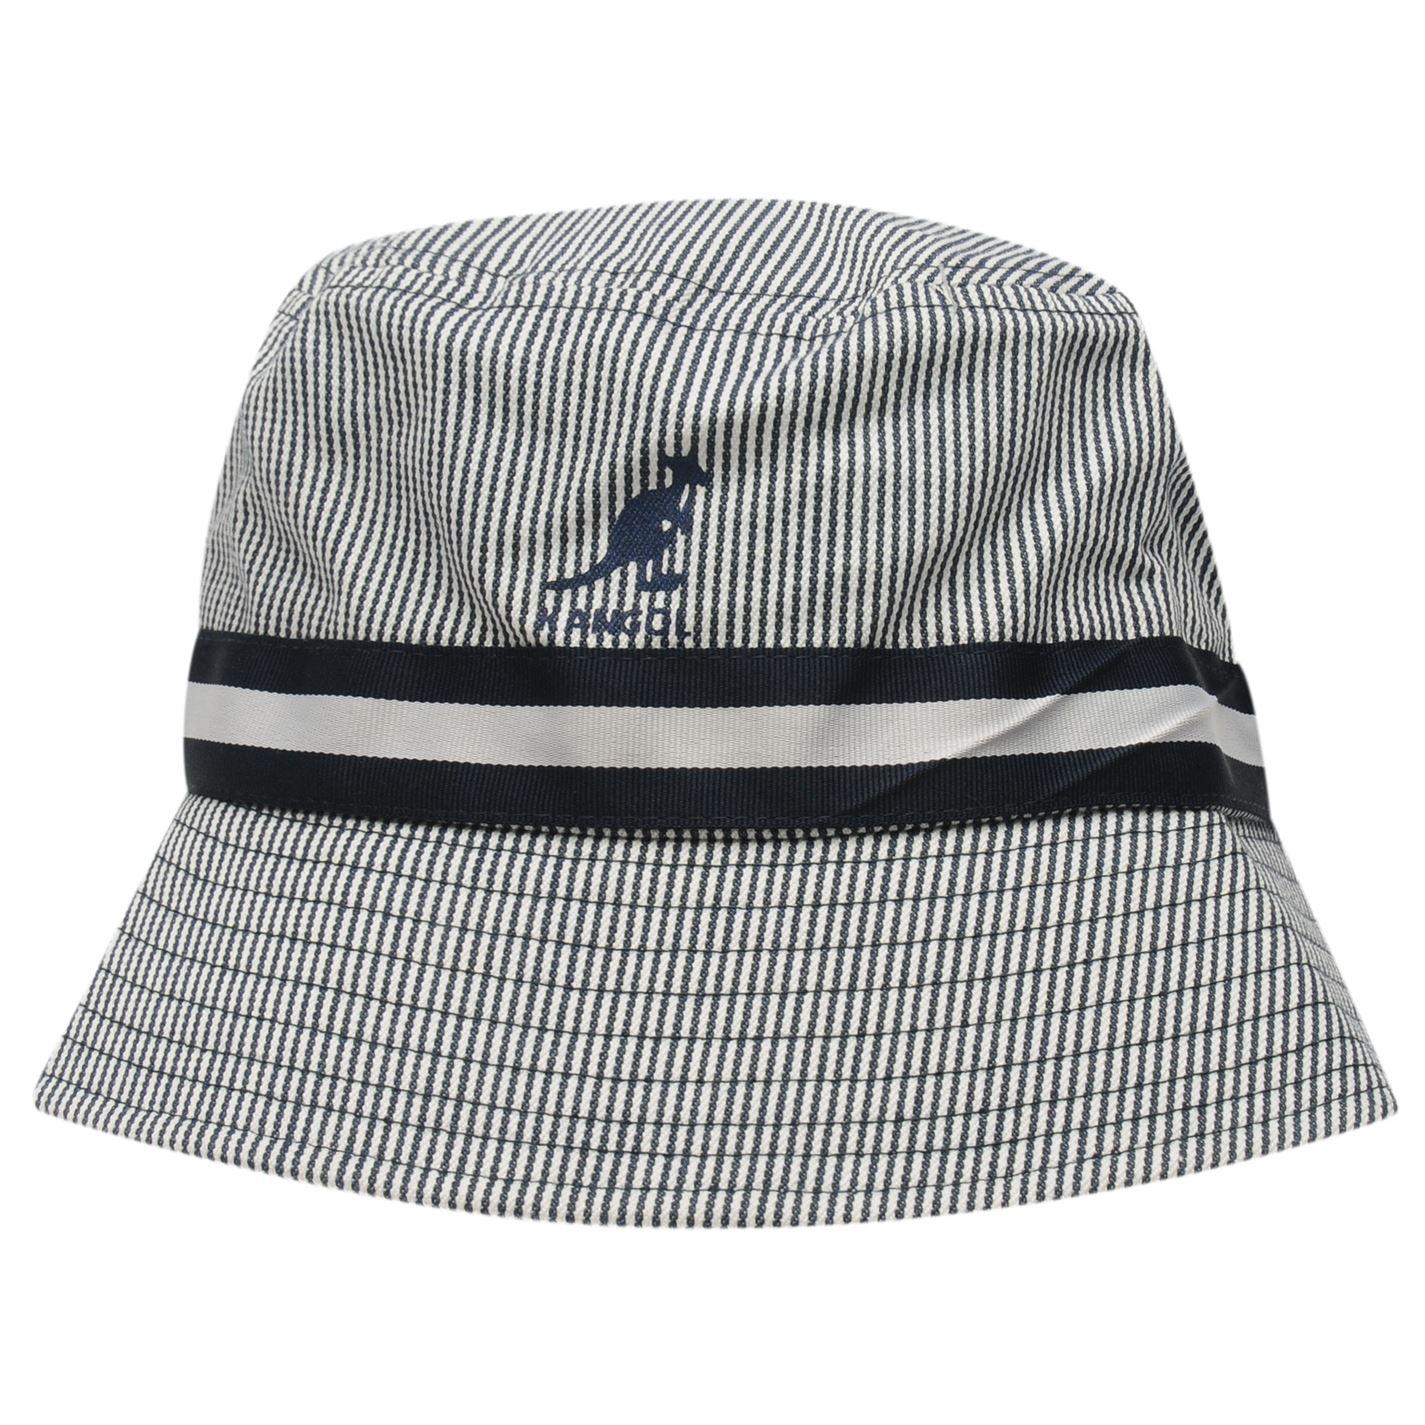 581e5a00cf938 Kangol-Stripe-Bucket-Hat-Mens-Gents-Lightweight thumbnail 2